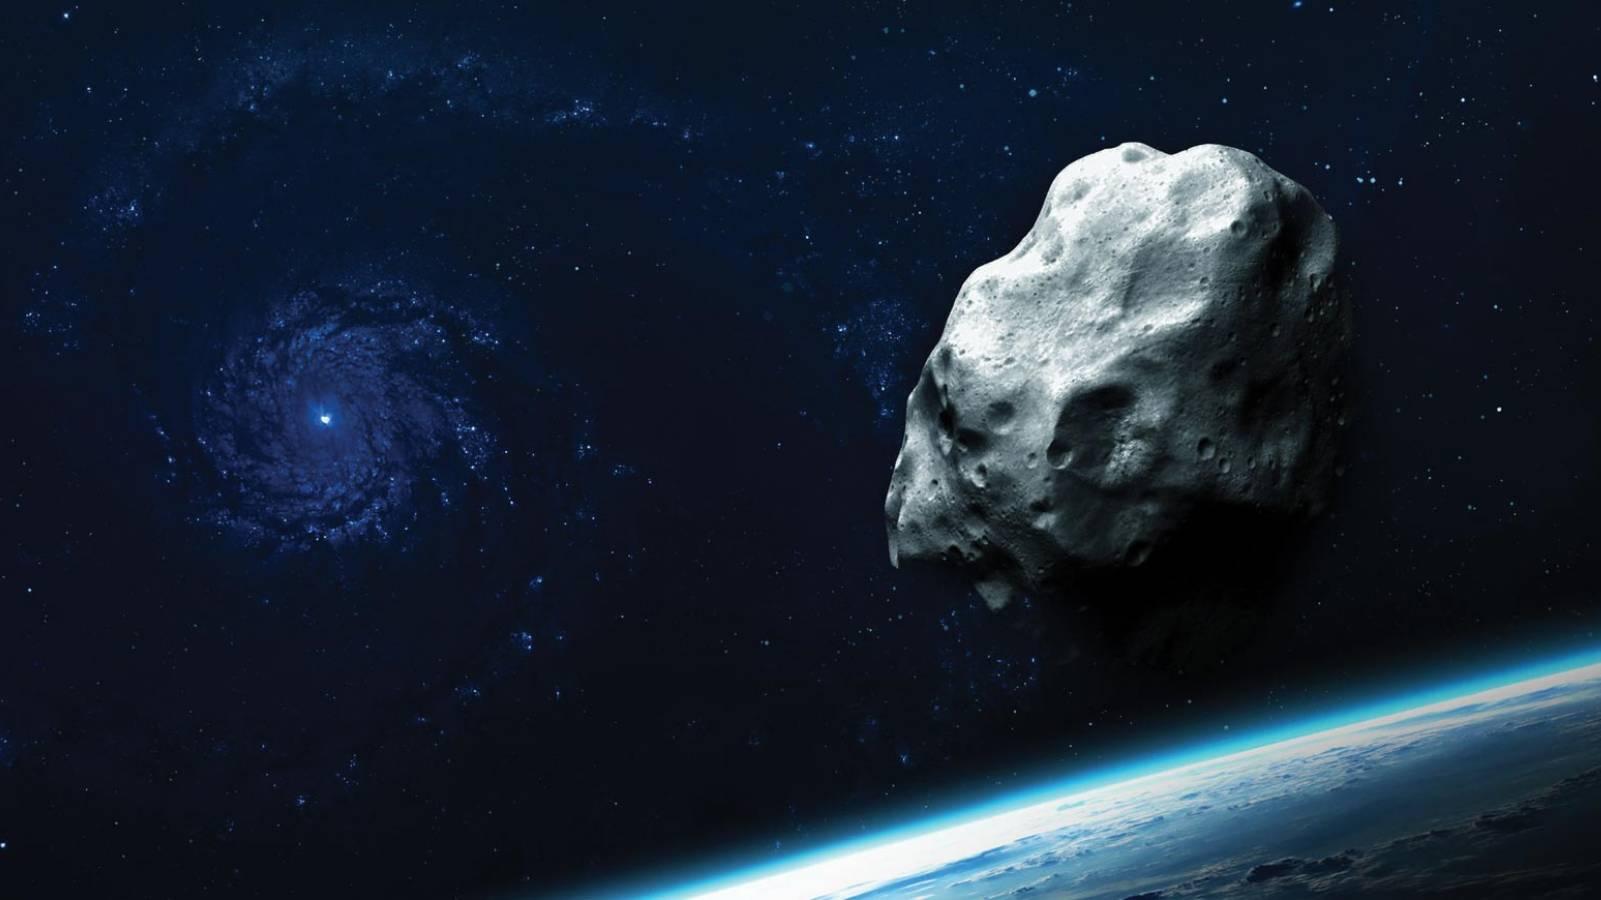 nasa asteroid planeta pitic